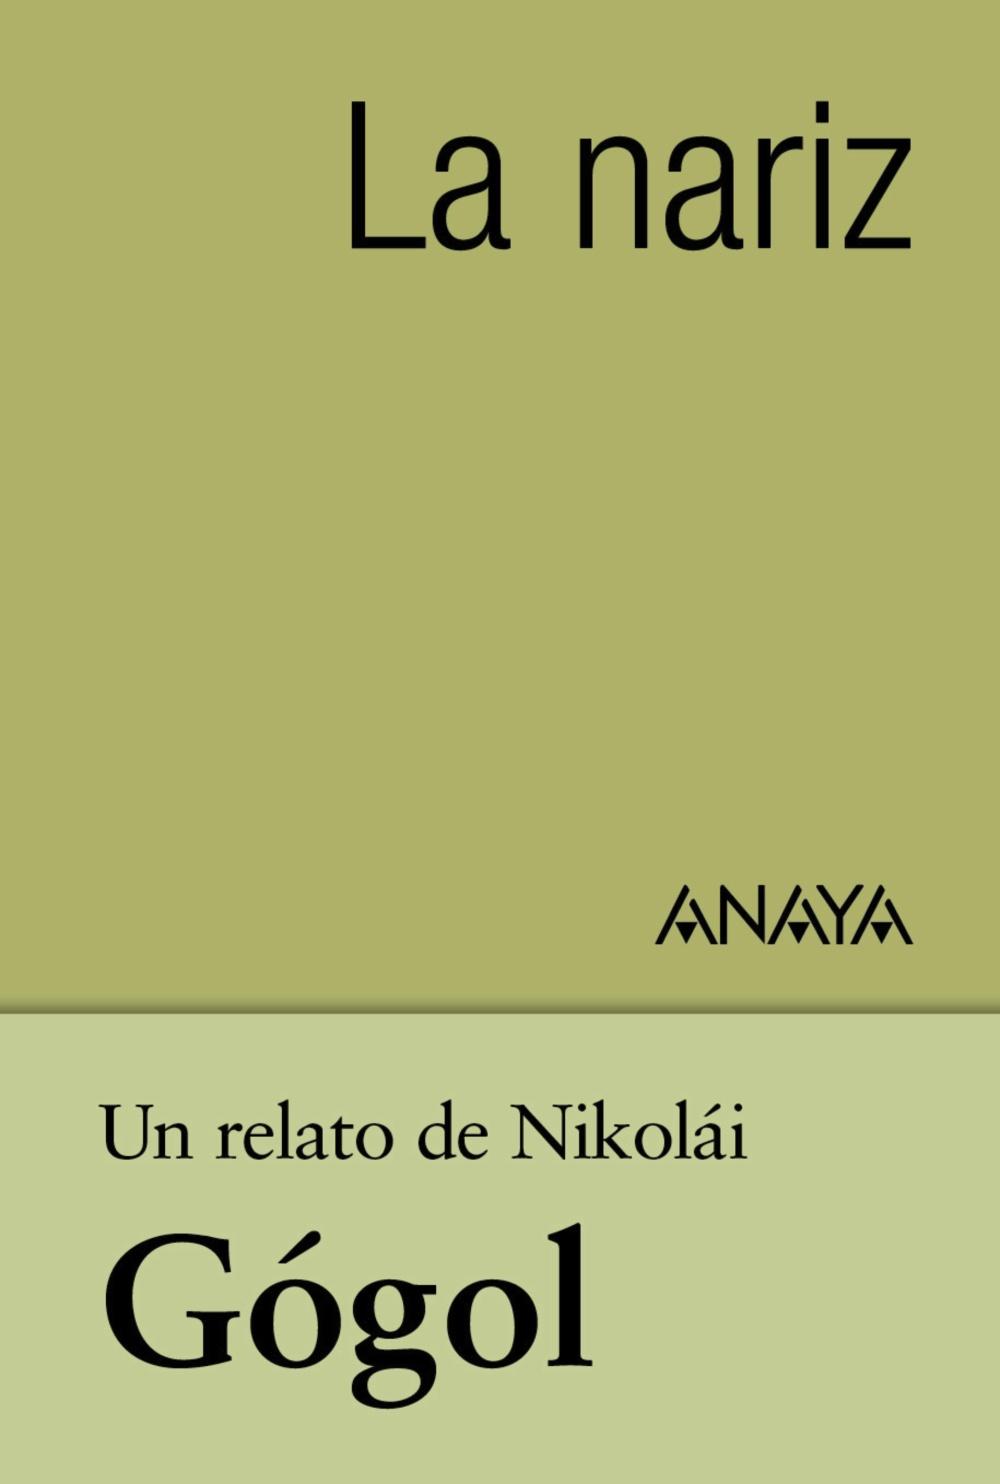 Un relato de Gógol: La nariz (ebook)